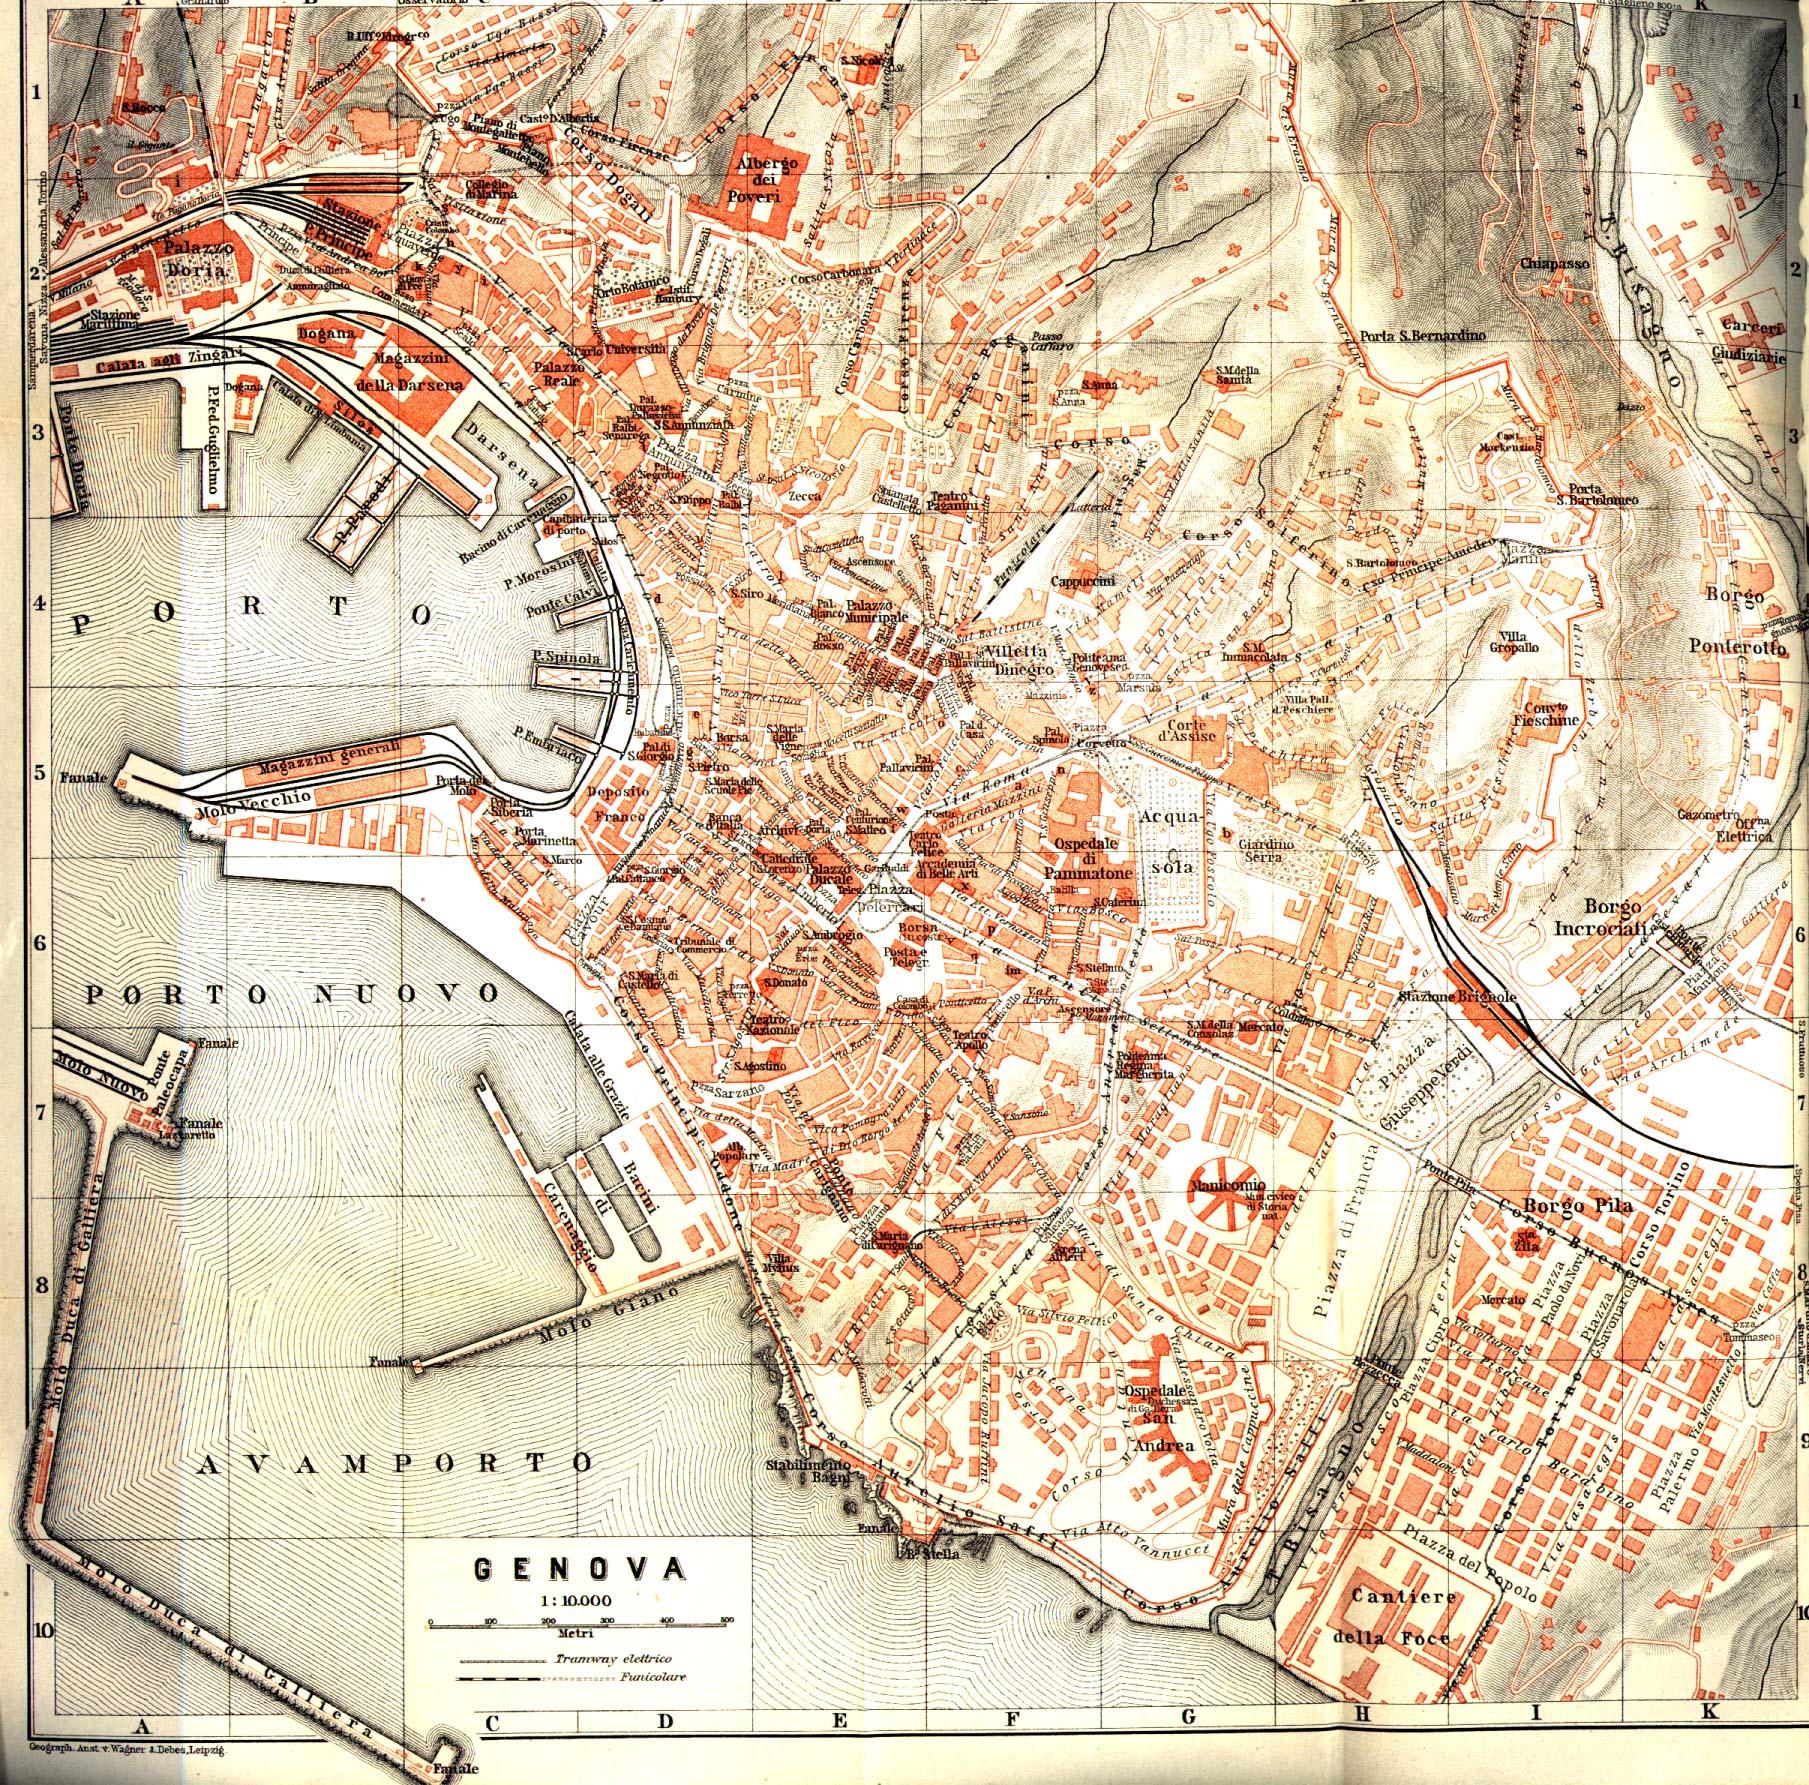 FileGenova Italy Jpg Wikimedia Commons - Italy map genoa